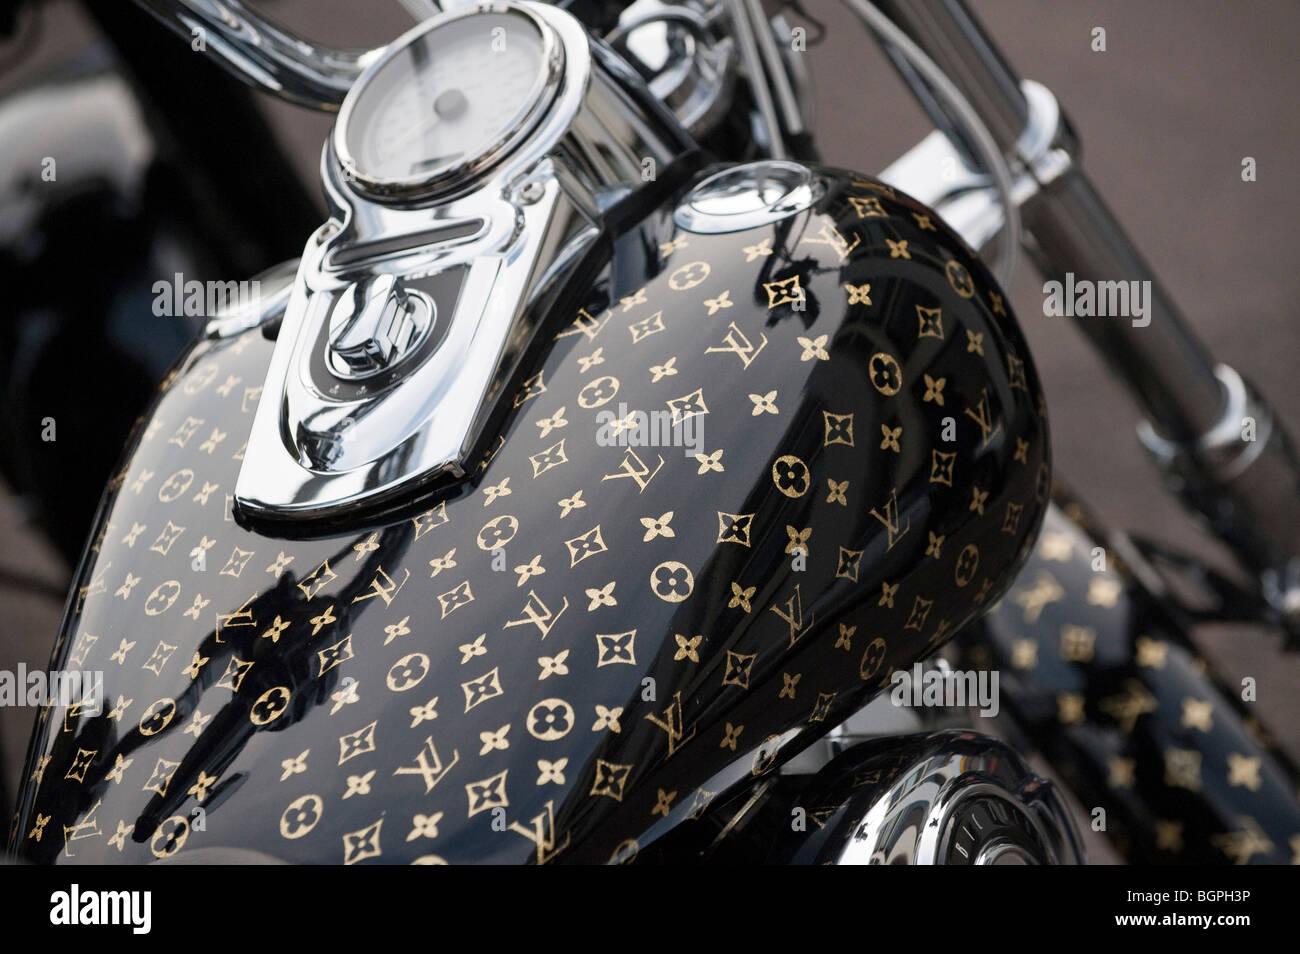 Louis Vuitton Harley Davidson motorcycle - Stock Image